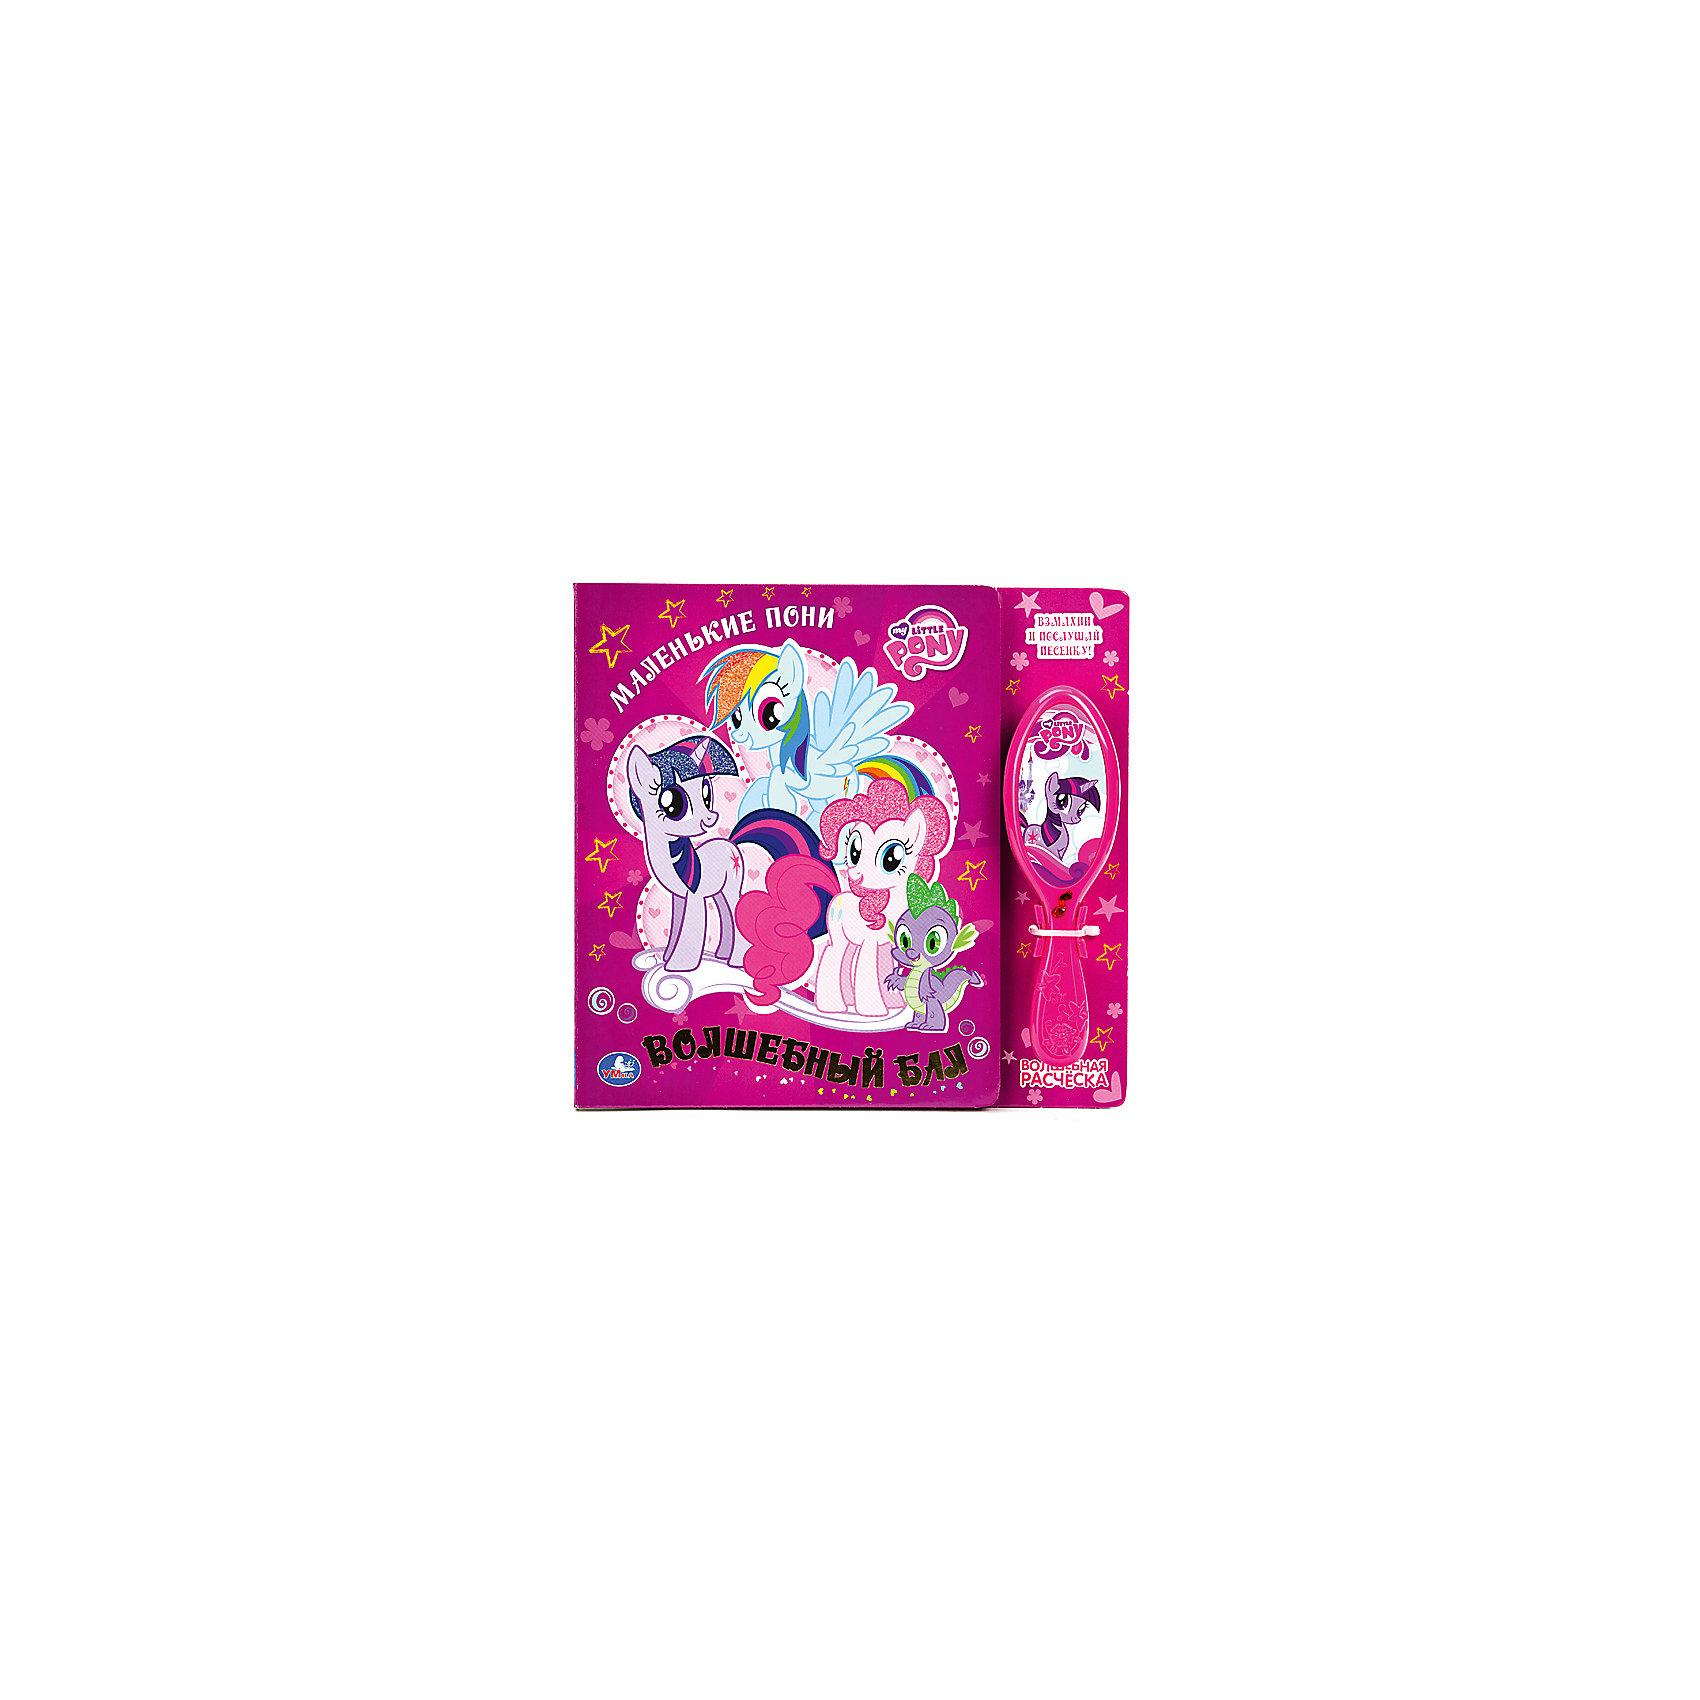 Книга с музыкальной расческой Волшебный бал, My little PonyЭта замечательная книга приведет в восторг всех любительниц My Little Pony (Май Литл Пони). Девочка почувствует себя настоящей принцессой с волшебной расческой, которая не только может привести волосы в порядок, но и спеть песни! <br><br>Дополнительная информация:<br><br>- Формат: 24х25 см<br>- Переплет: картон.<br>- Количество страниц: 10.<br>- Иллюстрации: цветные.<br>- Комплектация: книга, расческа.<br>- Автор: Юлия Шигарова<br>- Иллюстратор: Валентина Любушкина<br>- Элемент питания: 2 АА (в комплекте).<br><br>Книгу с музыкальной расческой Волшебный бал, Мой маленький пони, можно купить в нашем магазине.<br><br>Ширина мм: 260<br>Глубина мм: 240<br>Высота мм: 40<br>Вес г: 440<br>Возраст от месяцев: 12<br>Возраст до месяцев: 60<br>Пол: Женский<br>Возраст: Детский<br>SKU: 4053268